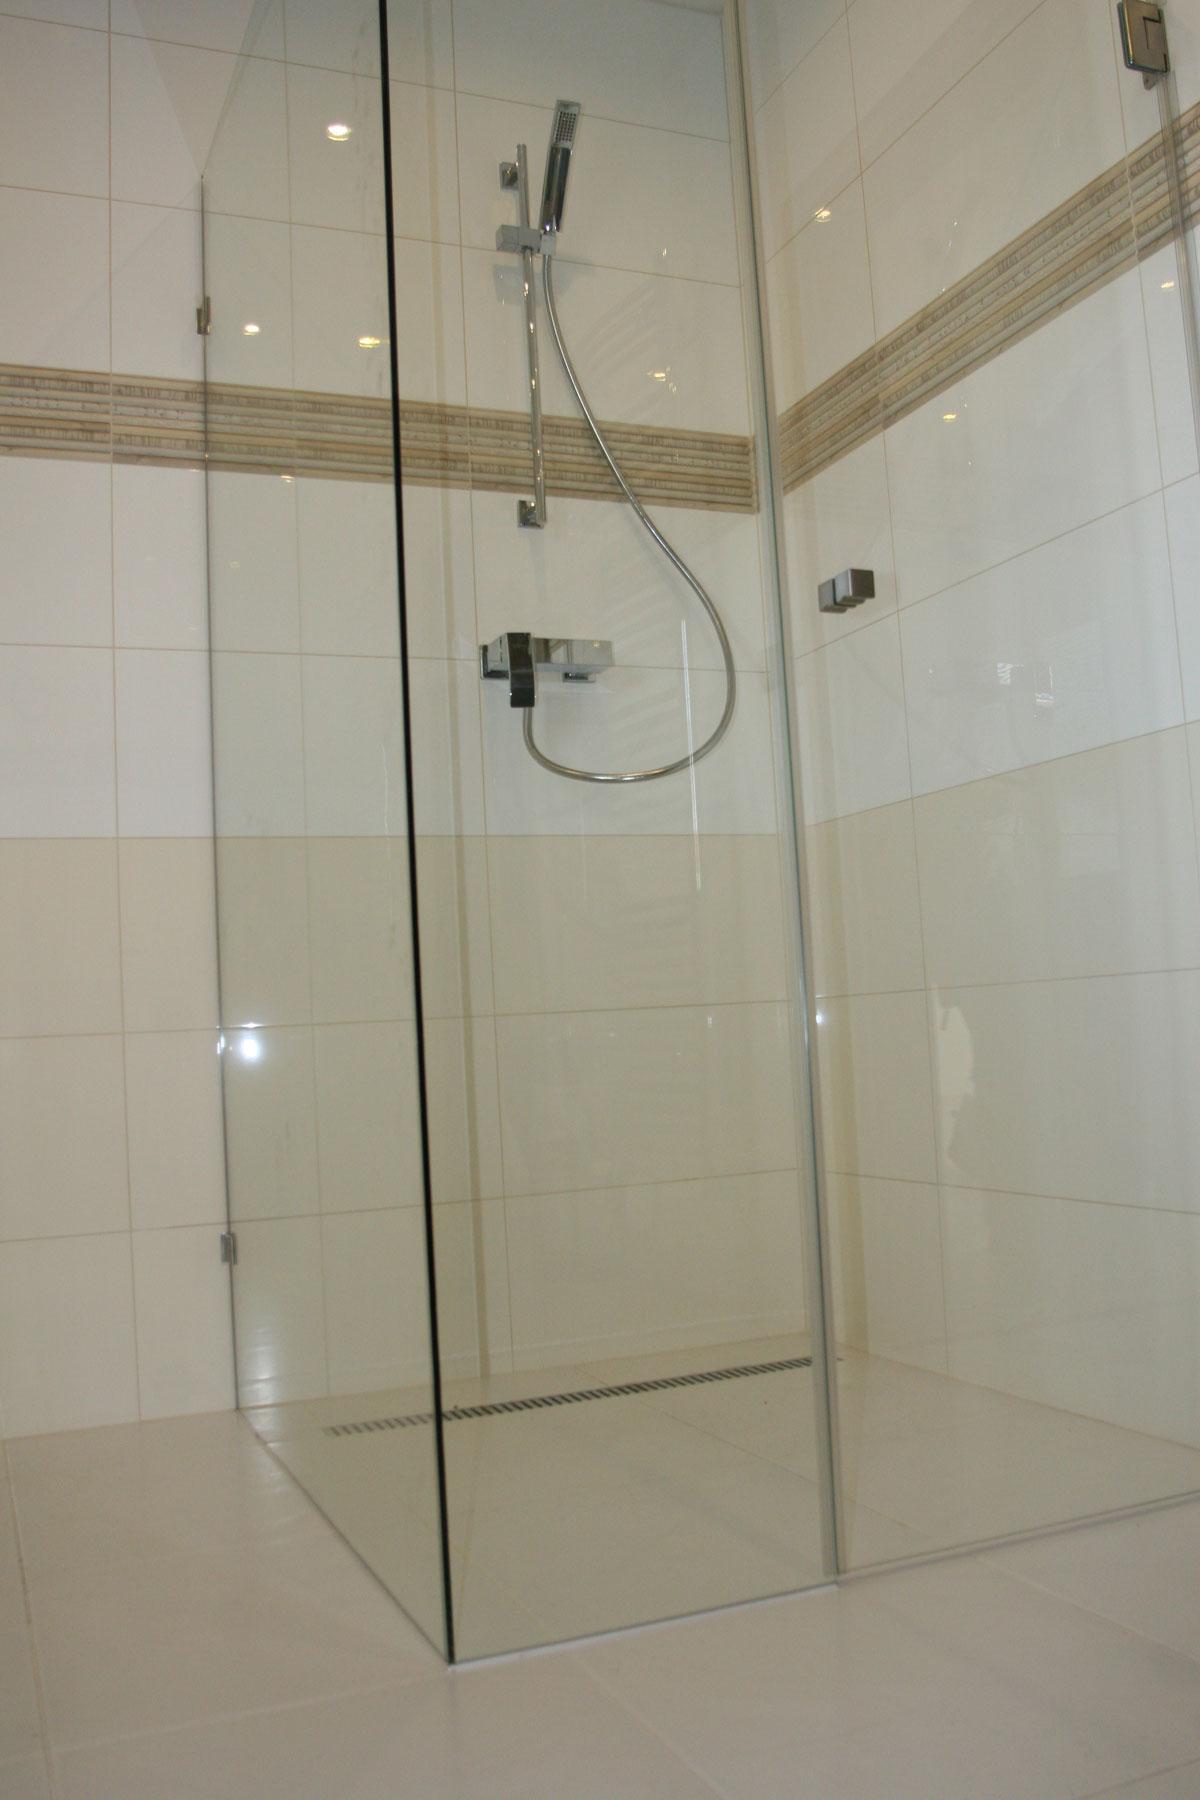 Sklenarstvi-Prerost-sprchove- kouty-a-sprchy (39)